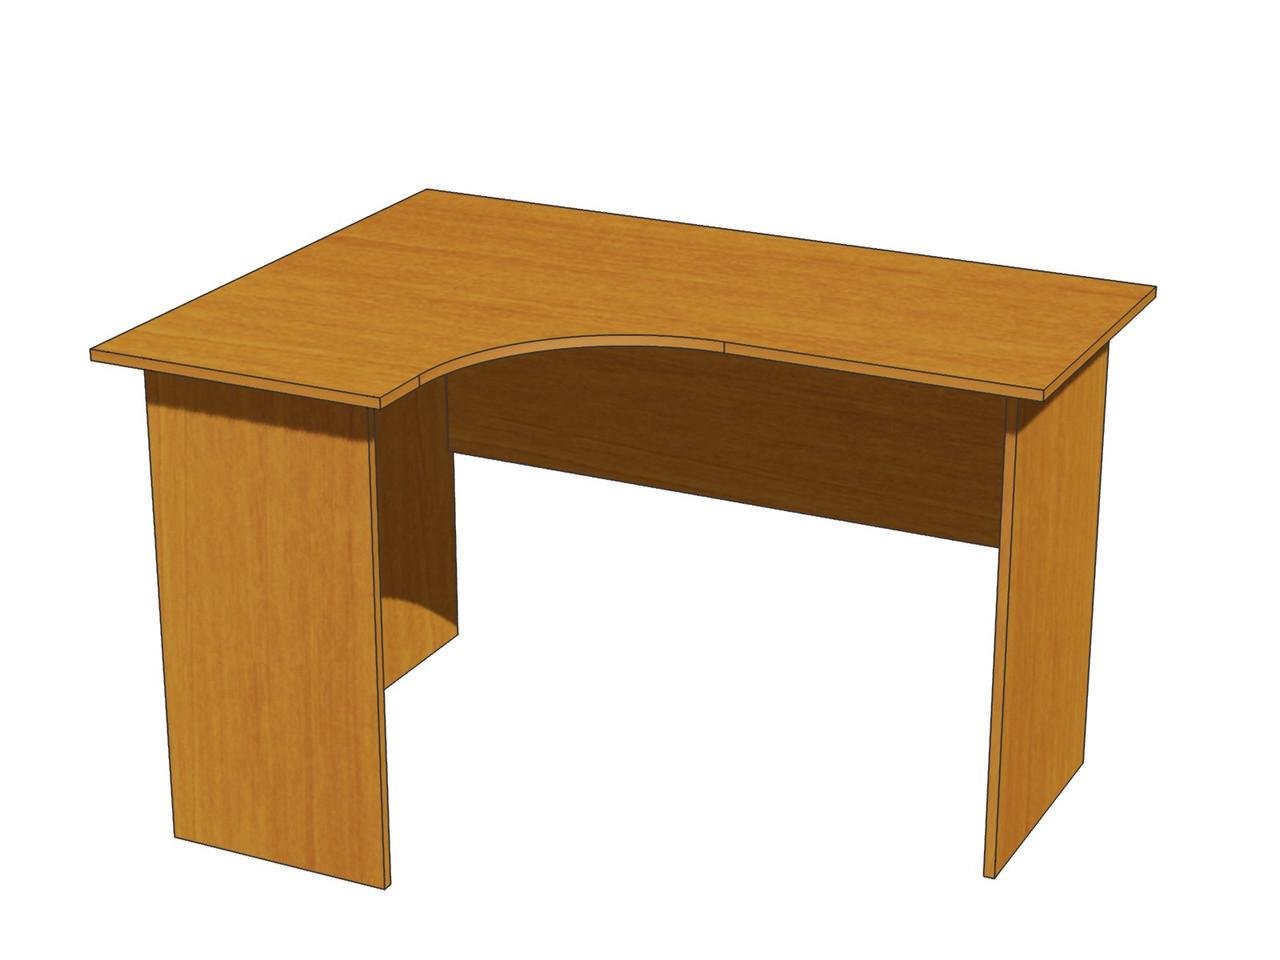 Стол угловой эргономичный ШхГхВ: 1200х900х750 мм.